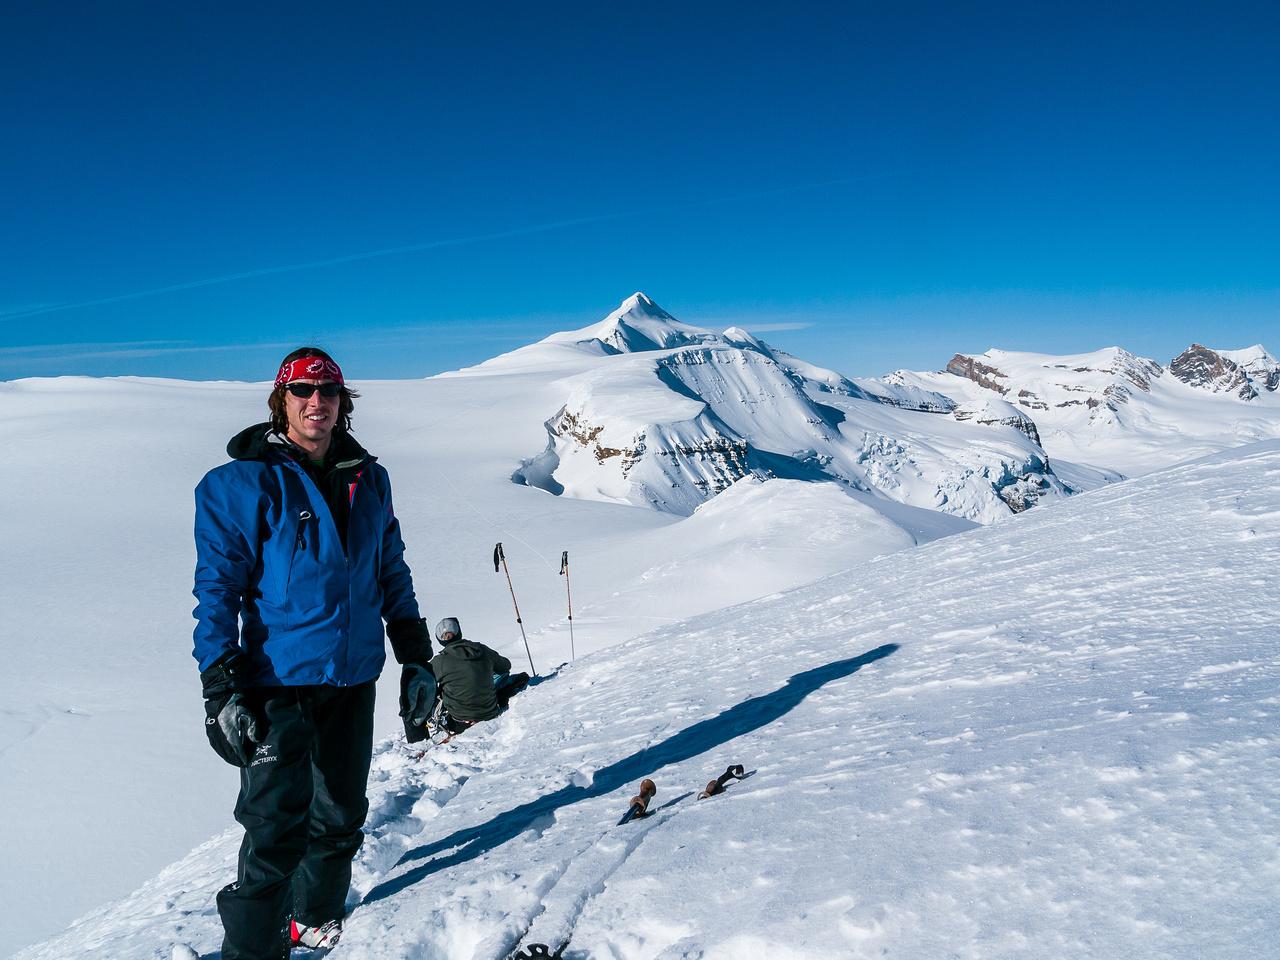 TJ on the summit of Lilliput.